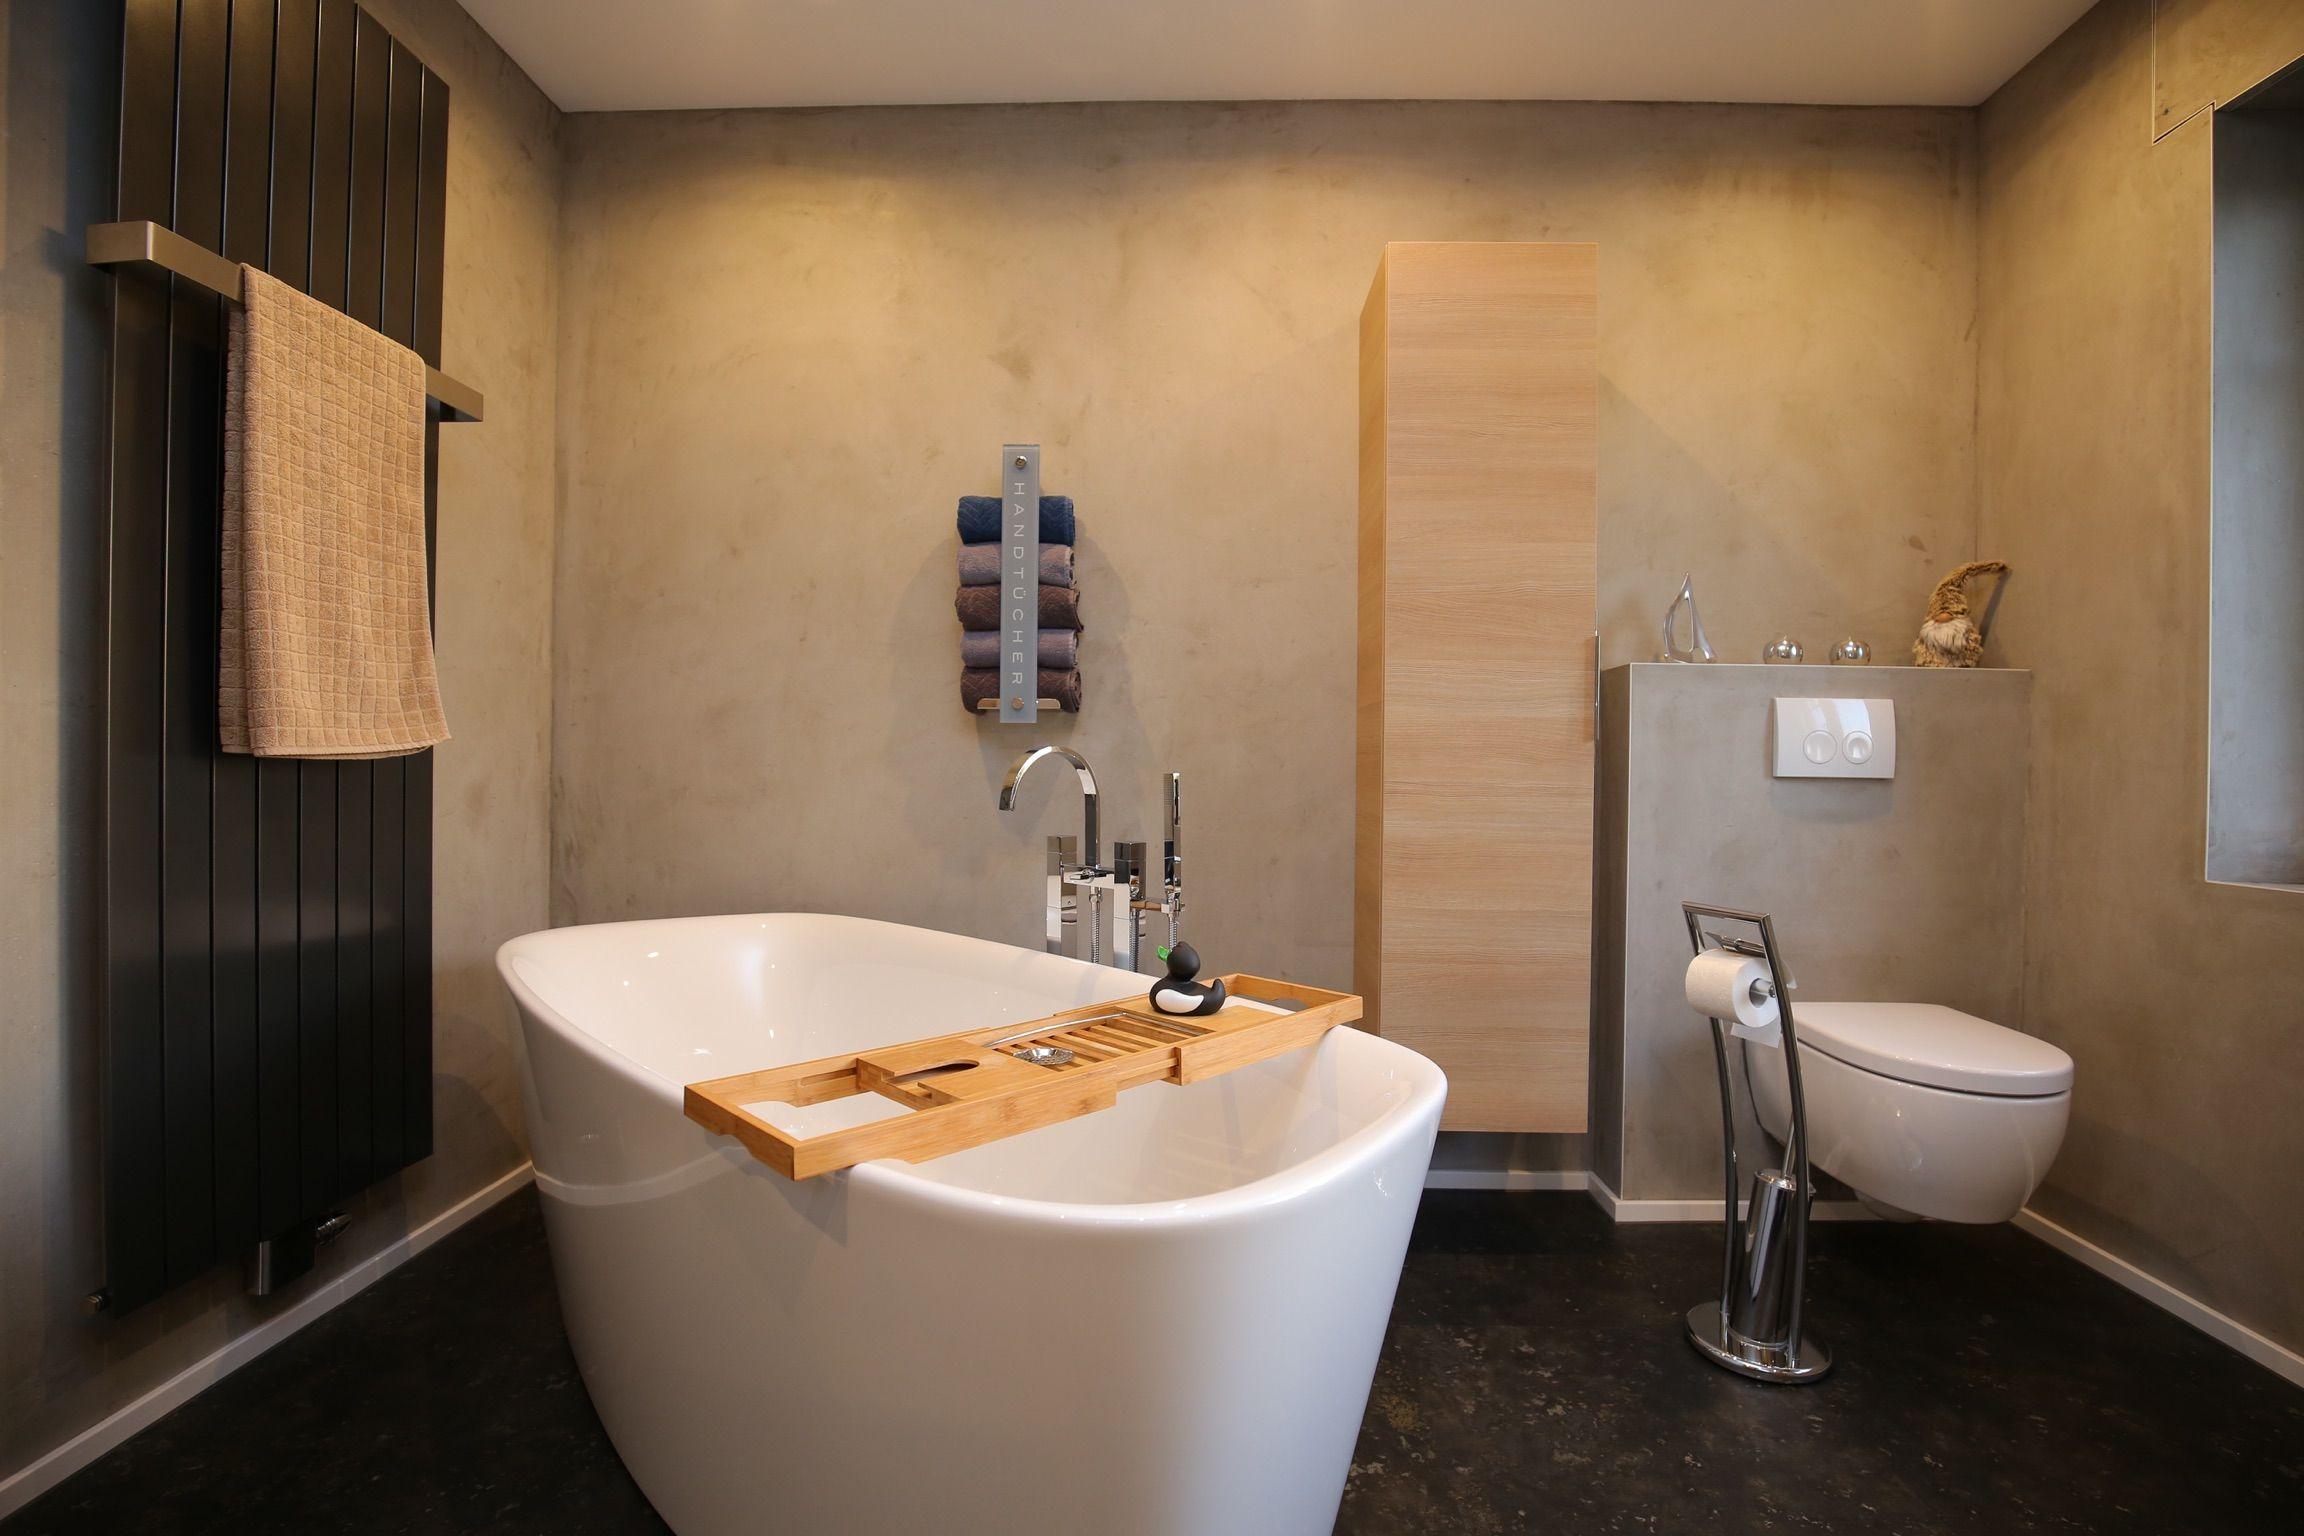 Badezimmer Wandflachen Mit Terra Stone Und Designbodenbelag Mit Objectfloor Domestic Badezimmer Design Malerarbeiten